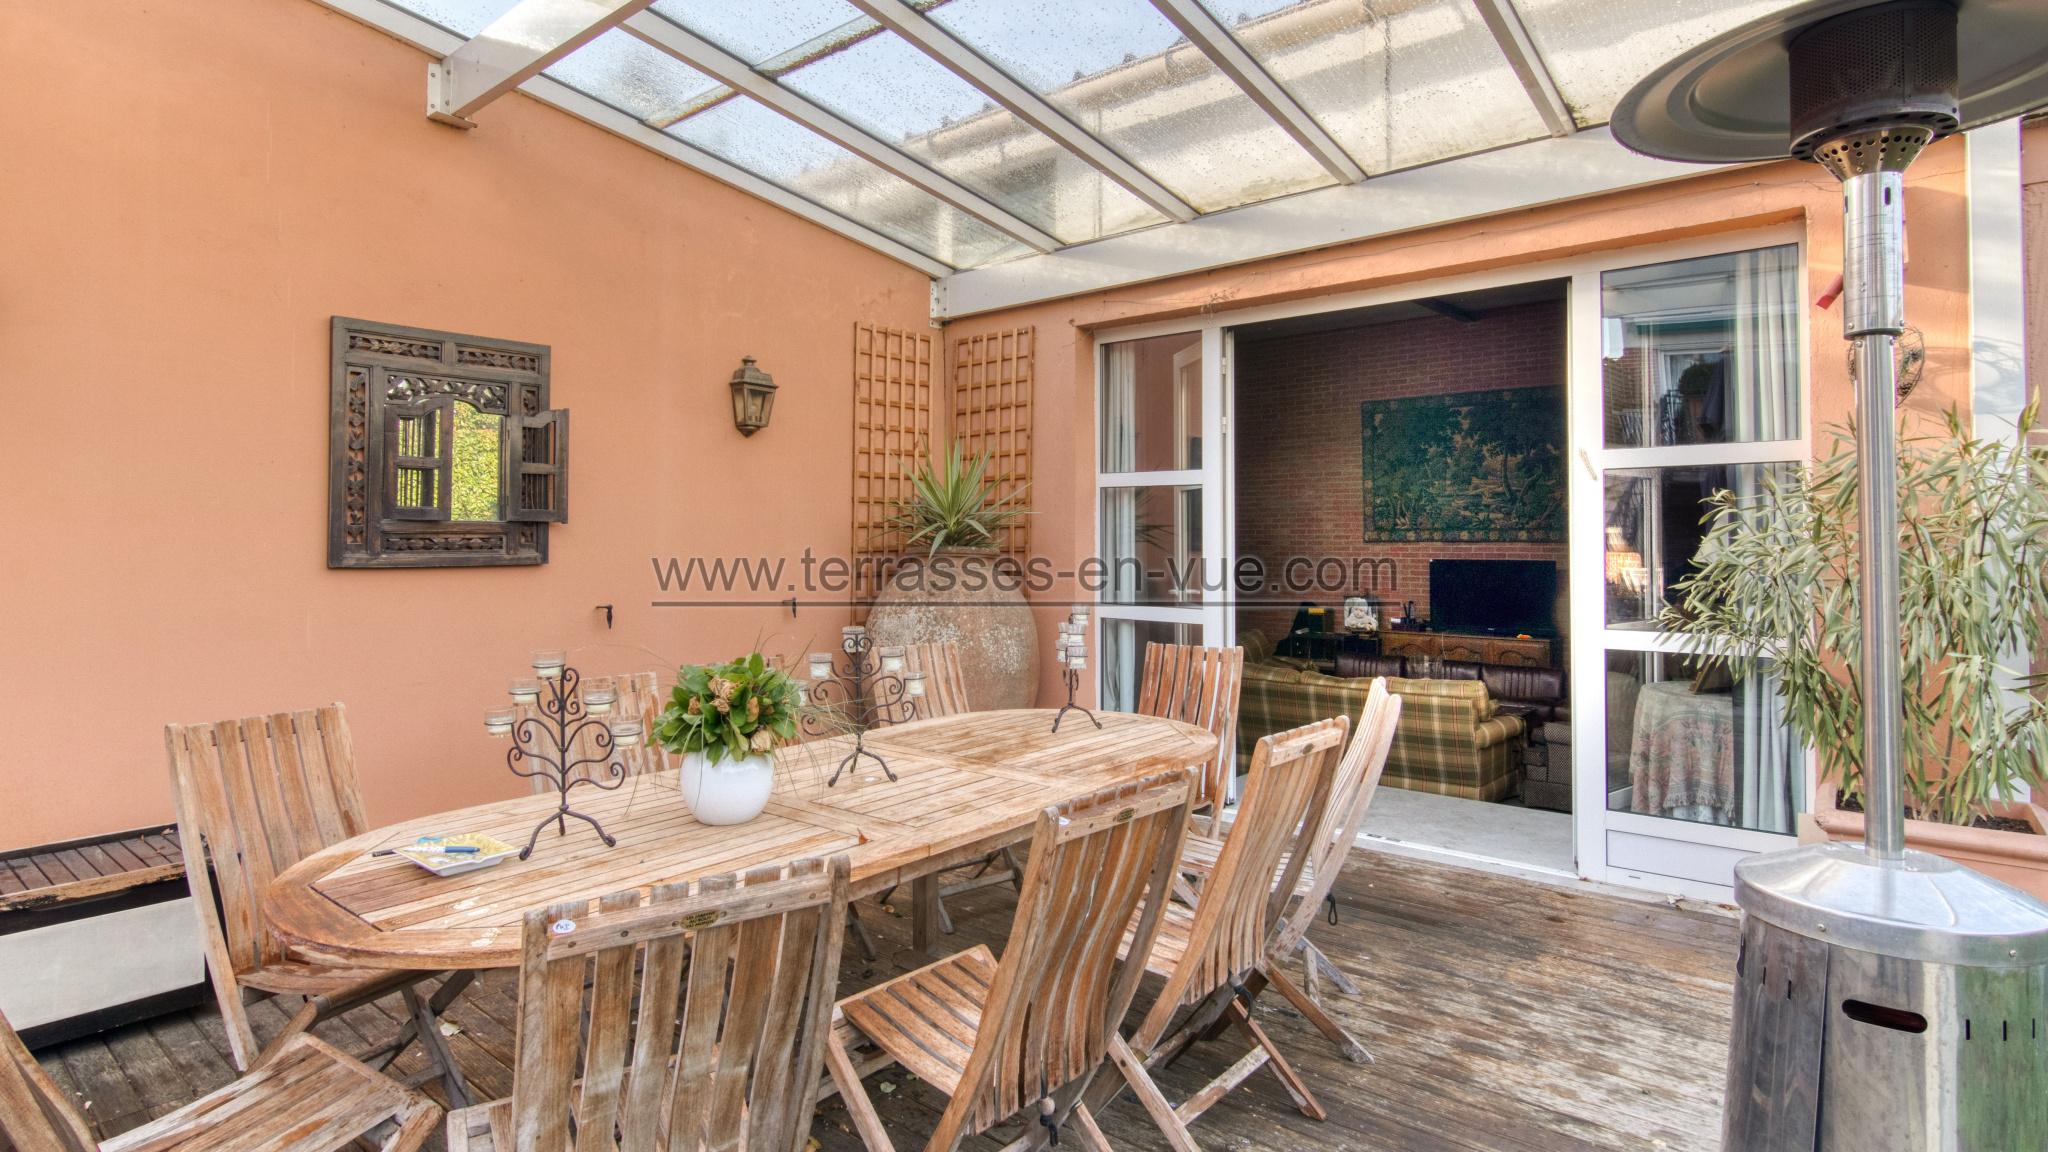 Maison À vendre - Saint-Denis / 93200